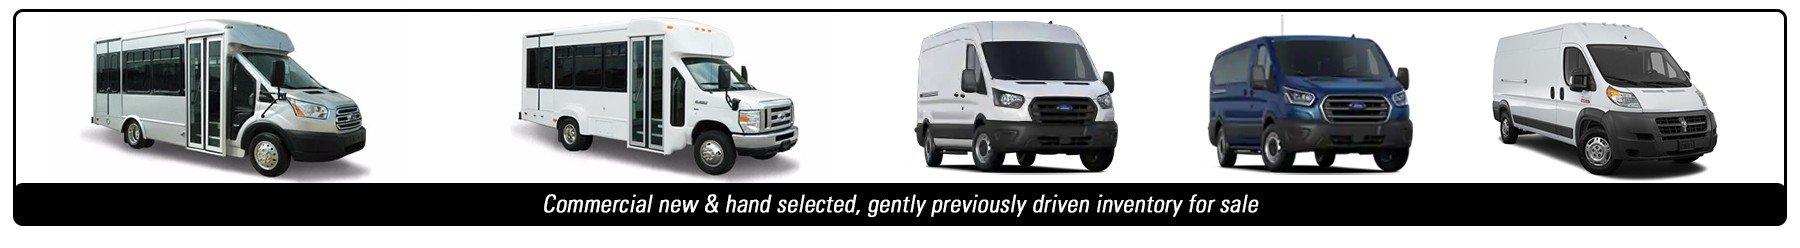 commercial van inventory